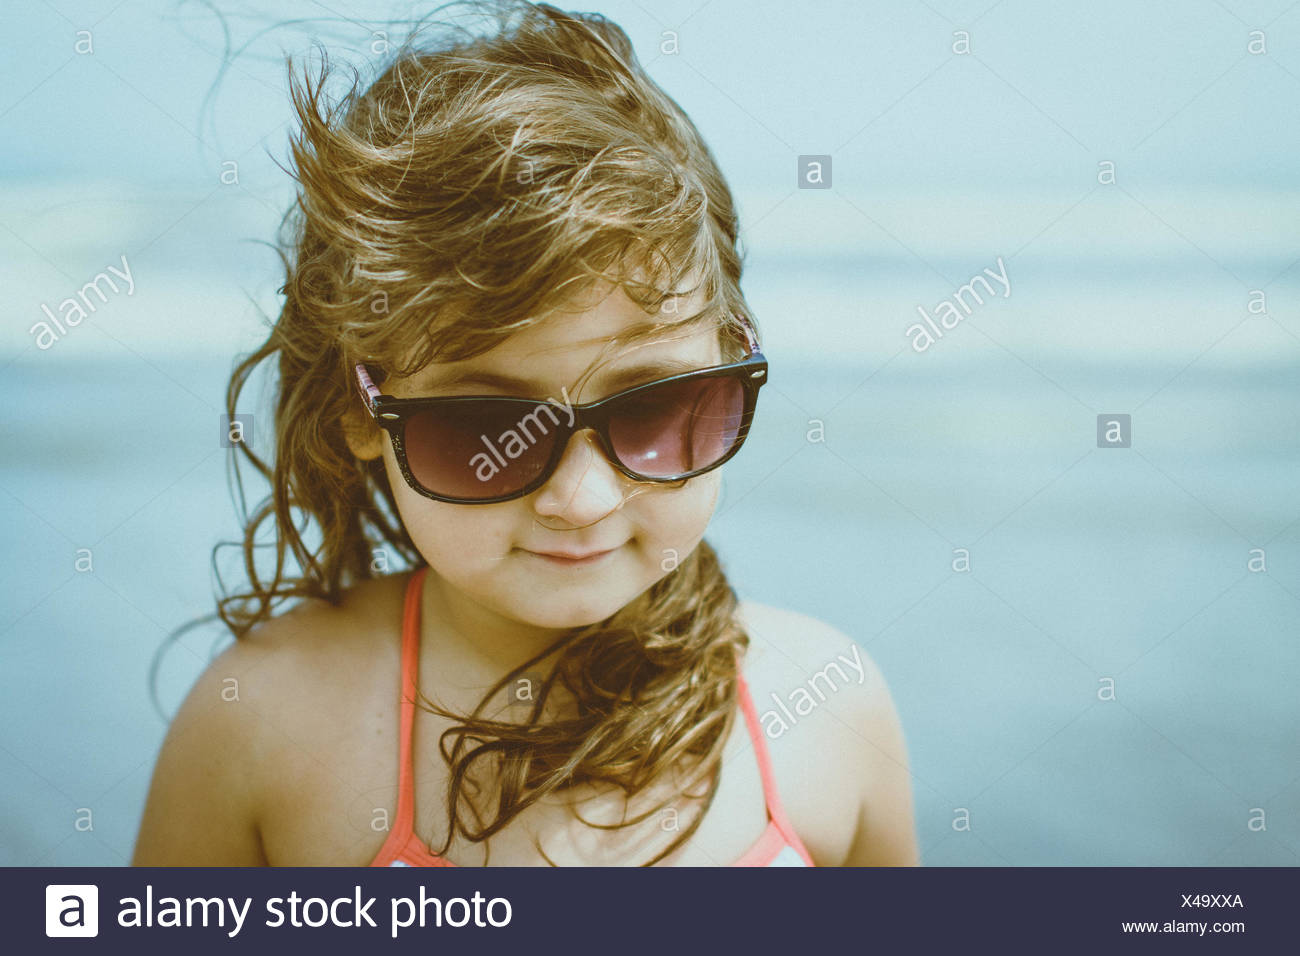 Porträt eines Mädchens (4-5) mit windigen blonden Haaren, Sonnenbrille Stockbild